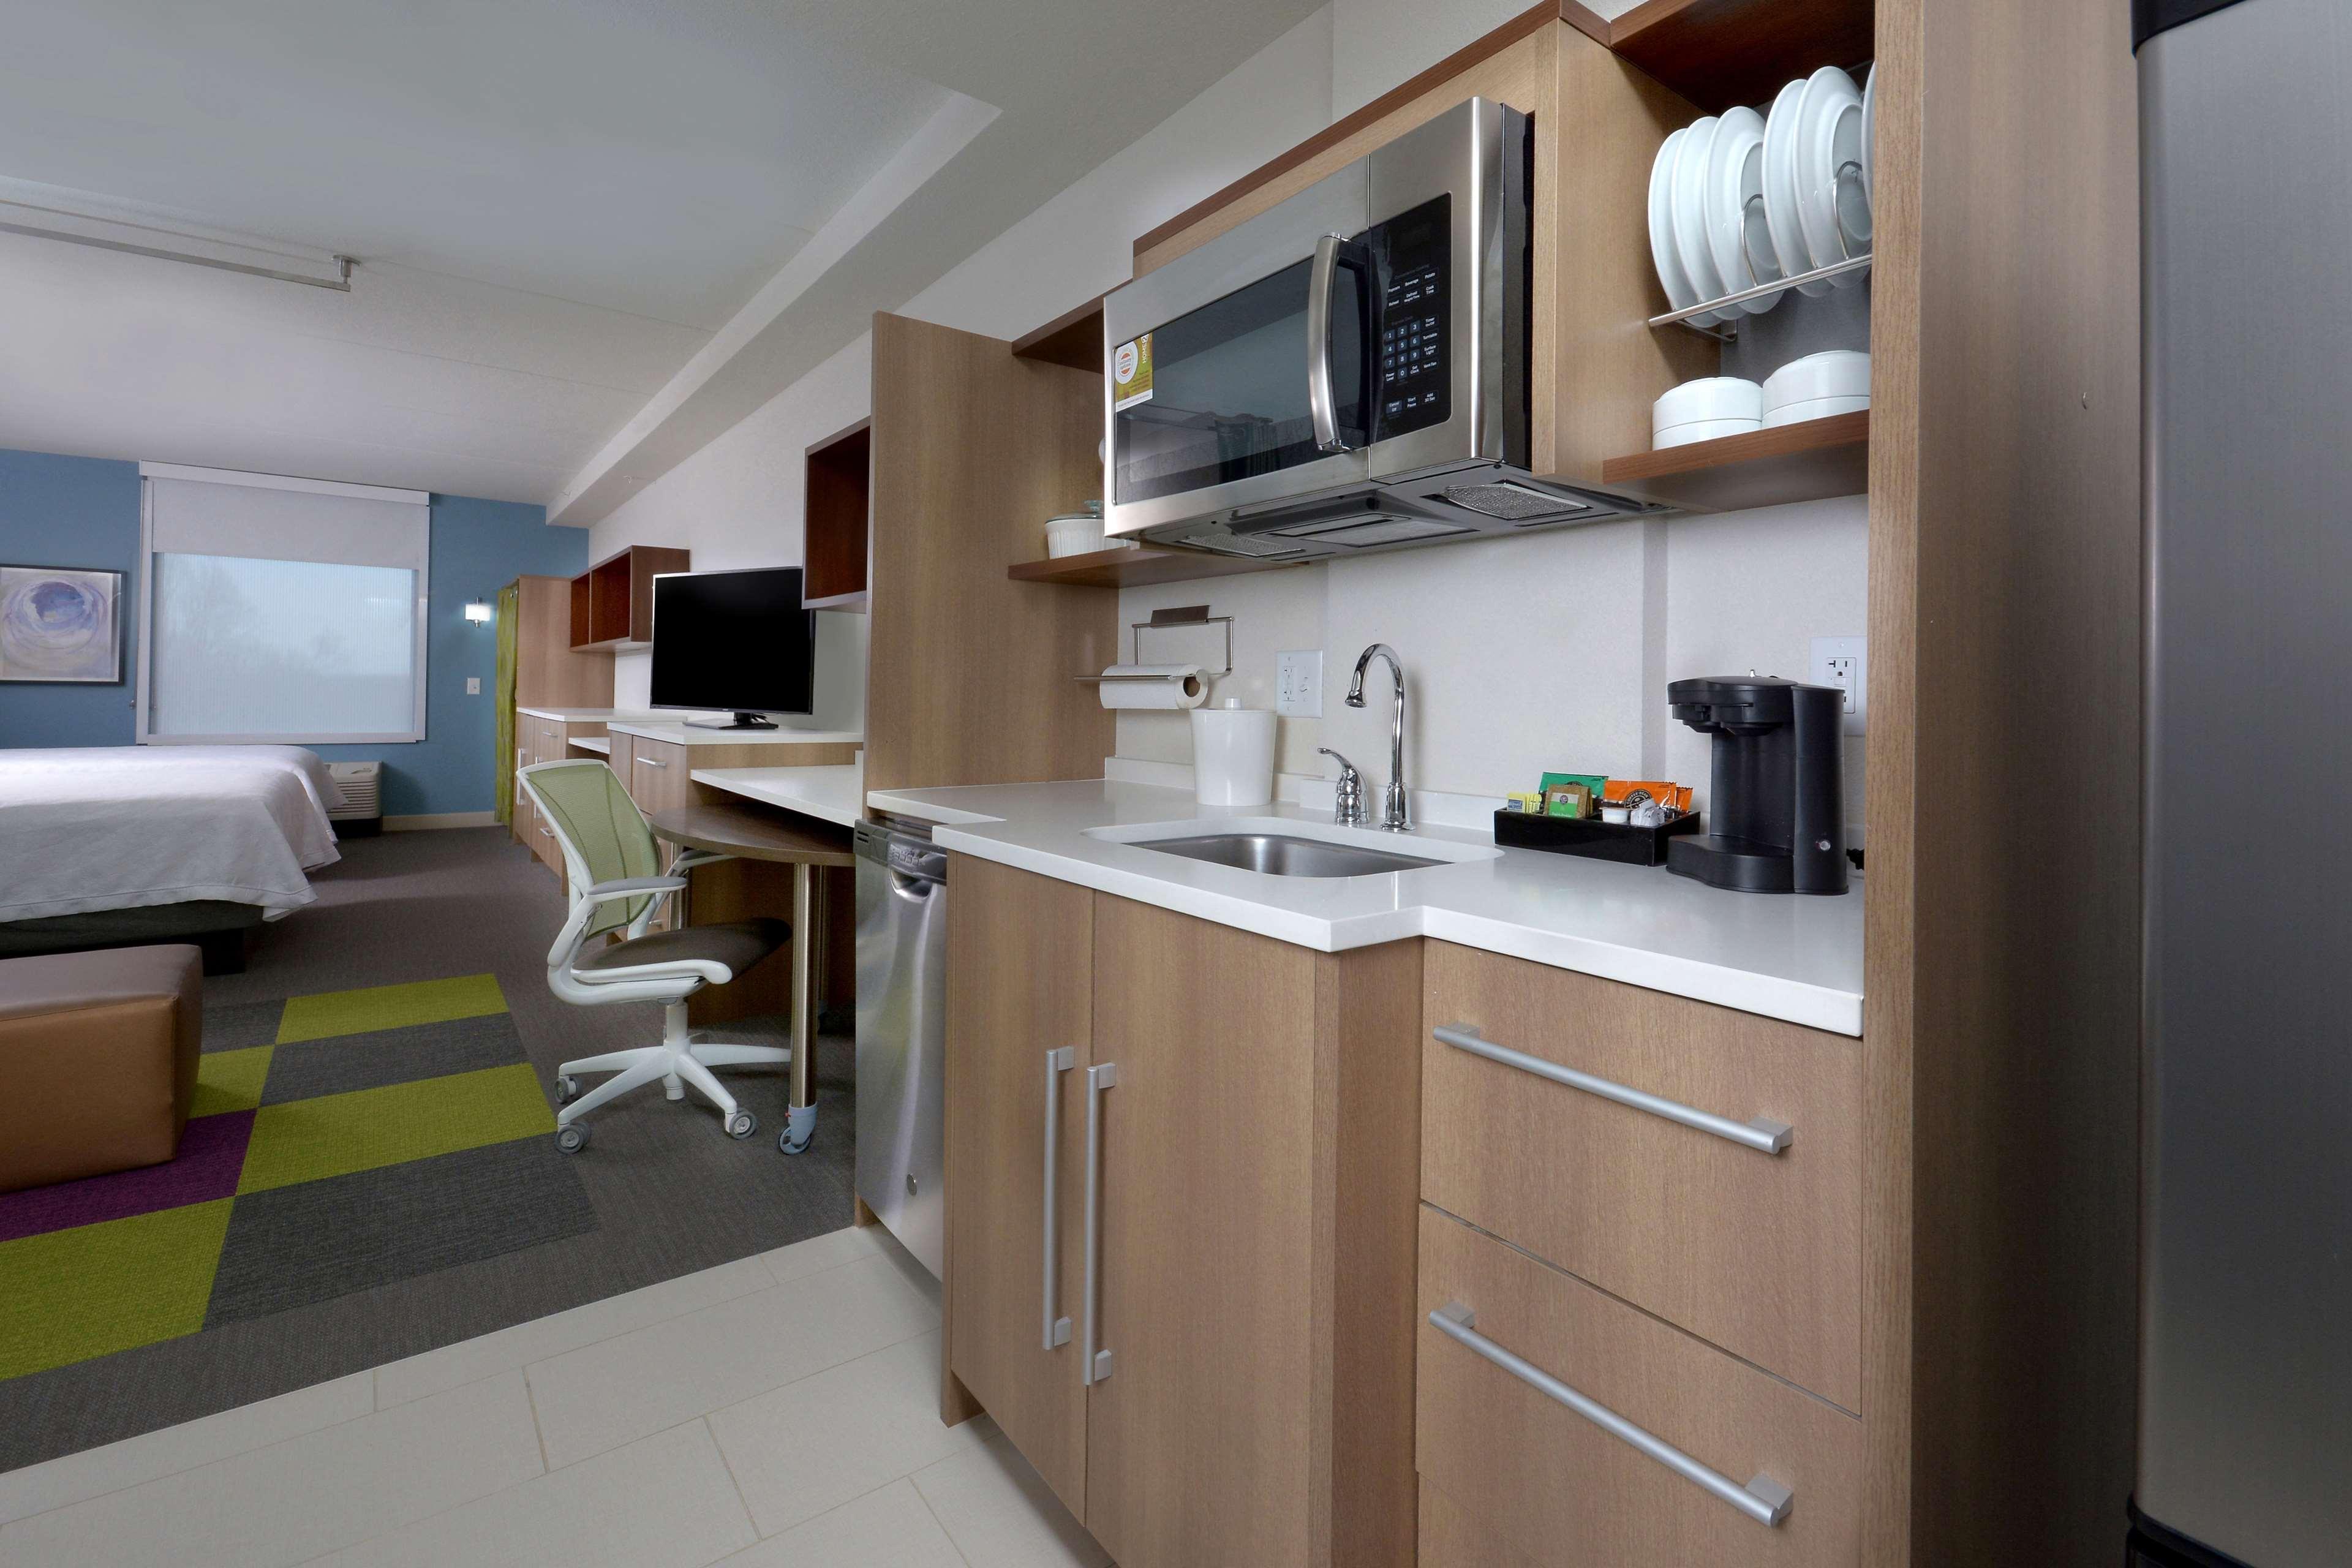 Home2 Suites by Hilton Duncan image 29